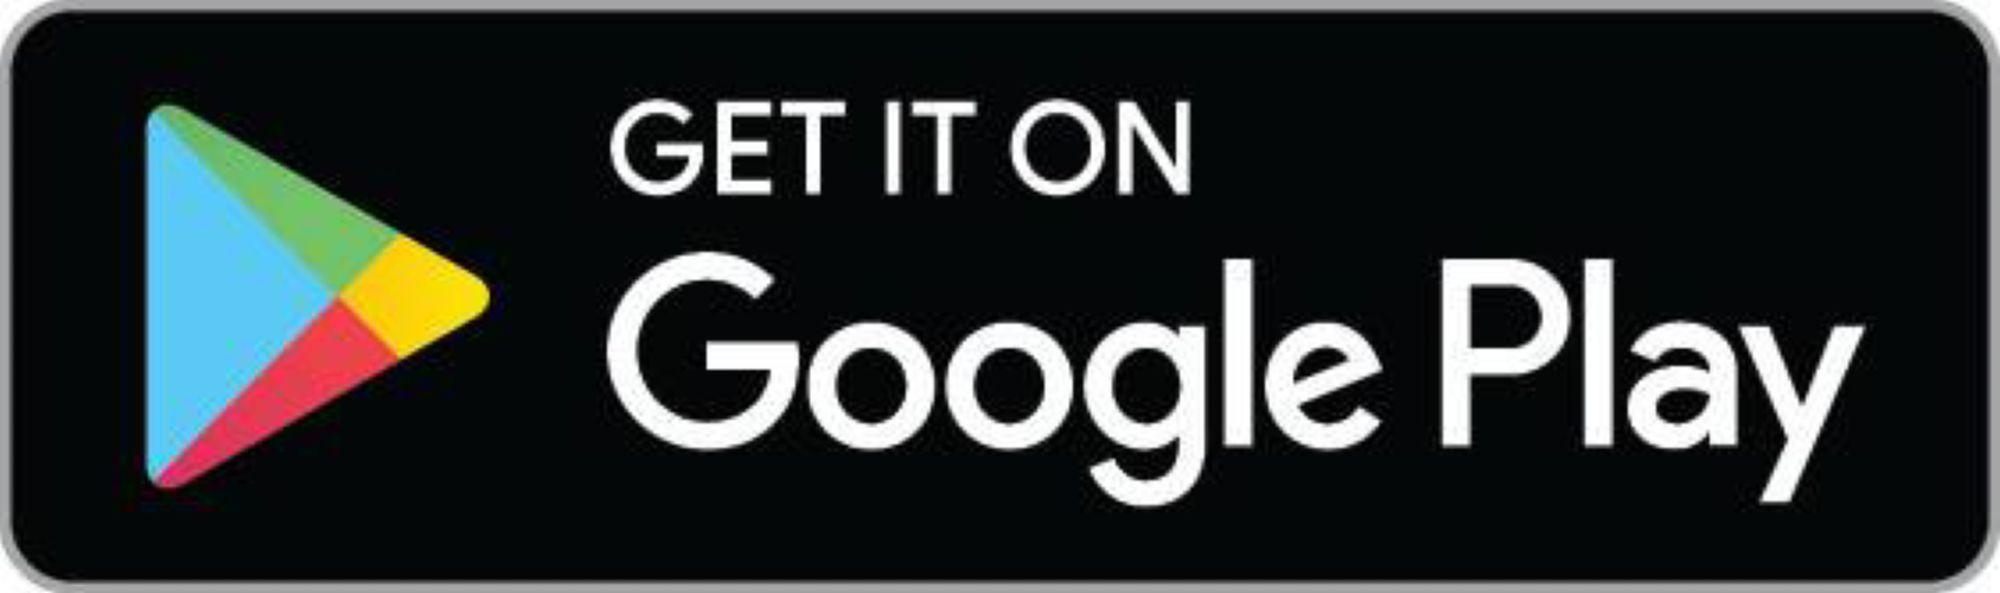 google-play-badge_EN.jpg